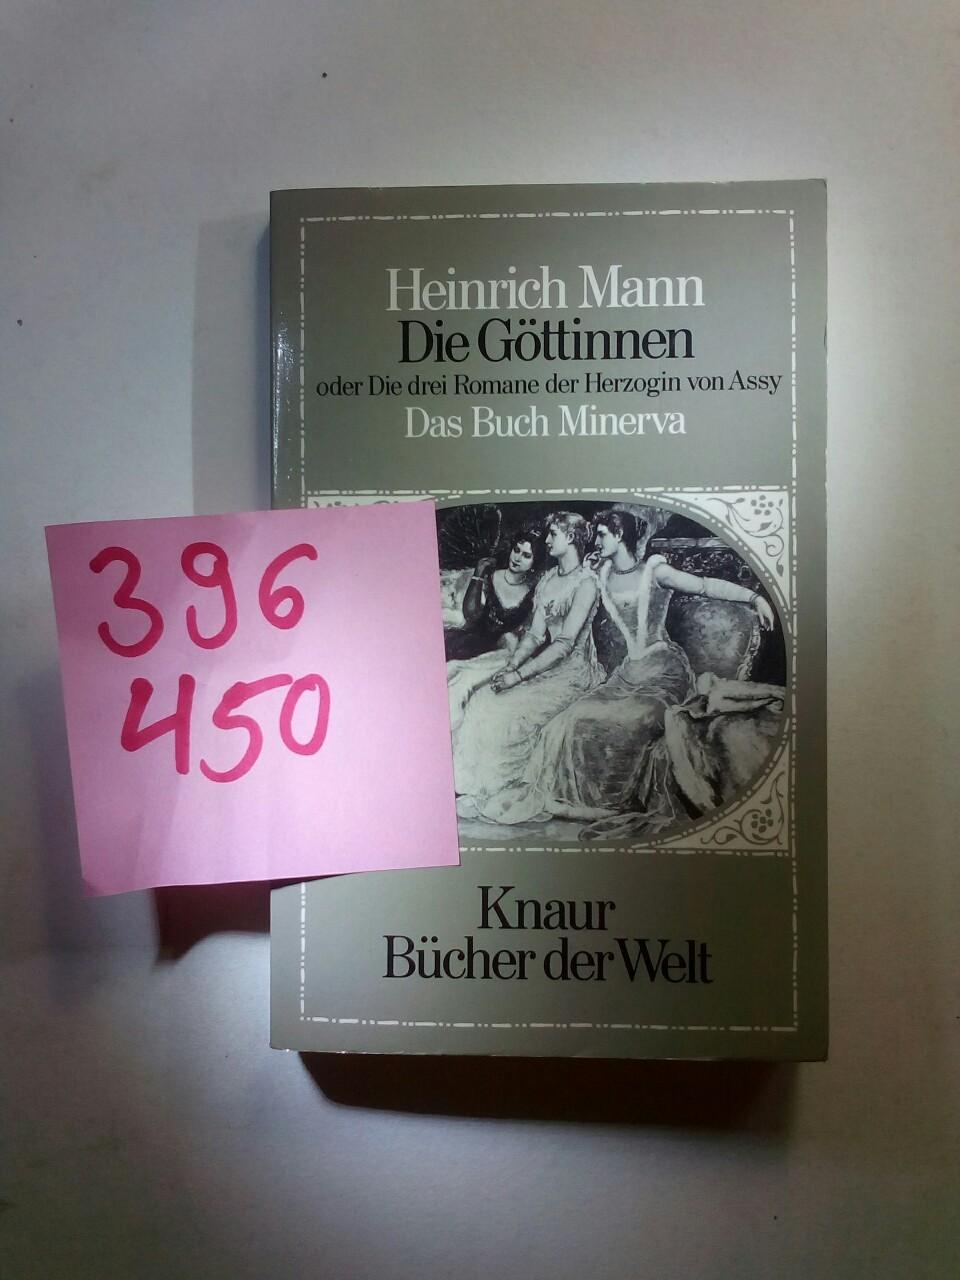 Die Göttinnen II. Das Buch Minerva. Oder: Mann, Heinrich: